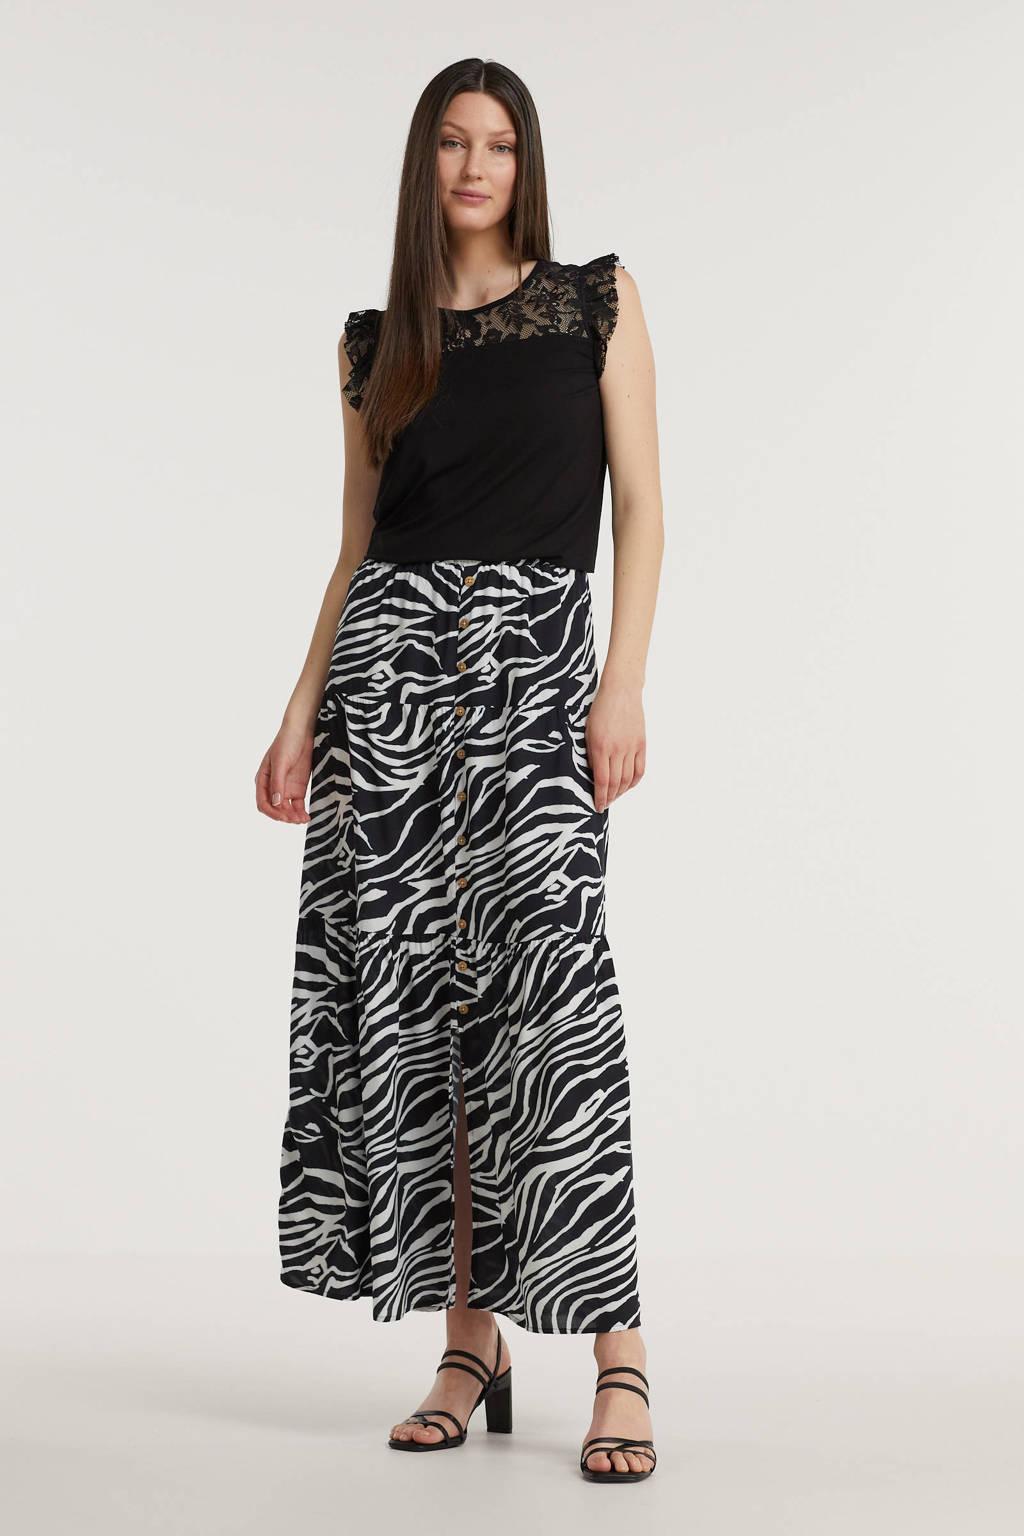 Imagine rok met zebraprint zwart/wit, Zwart/wit